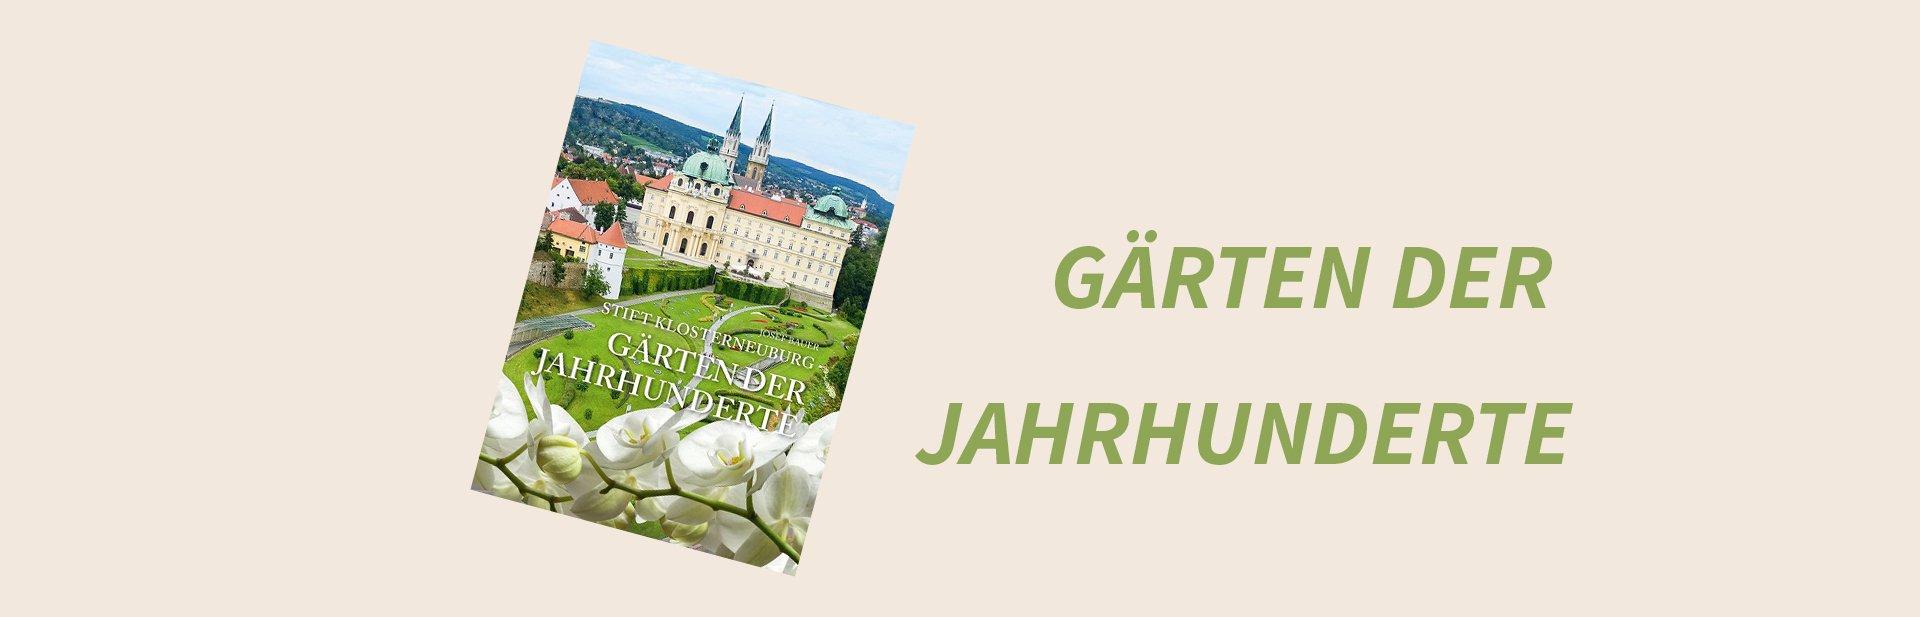 Gärten der Jahrhunderte